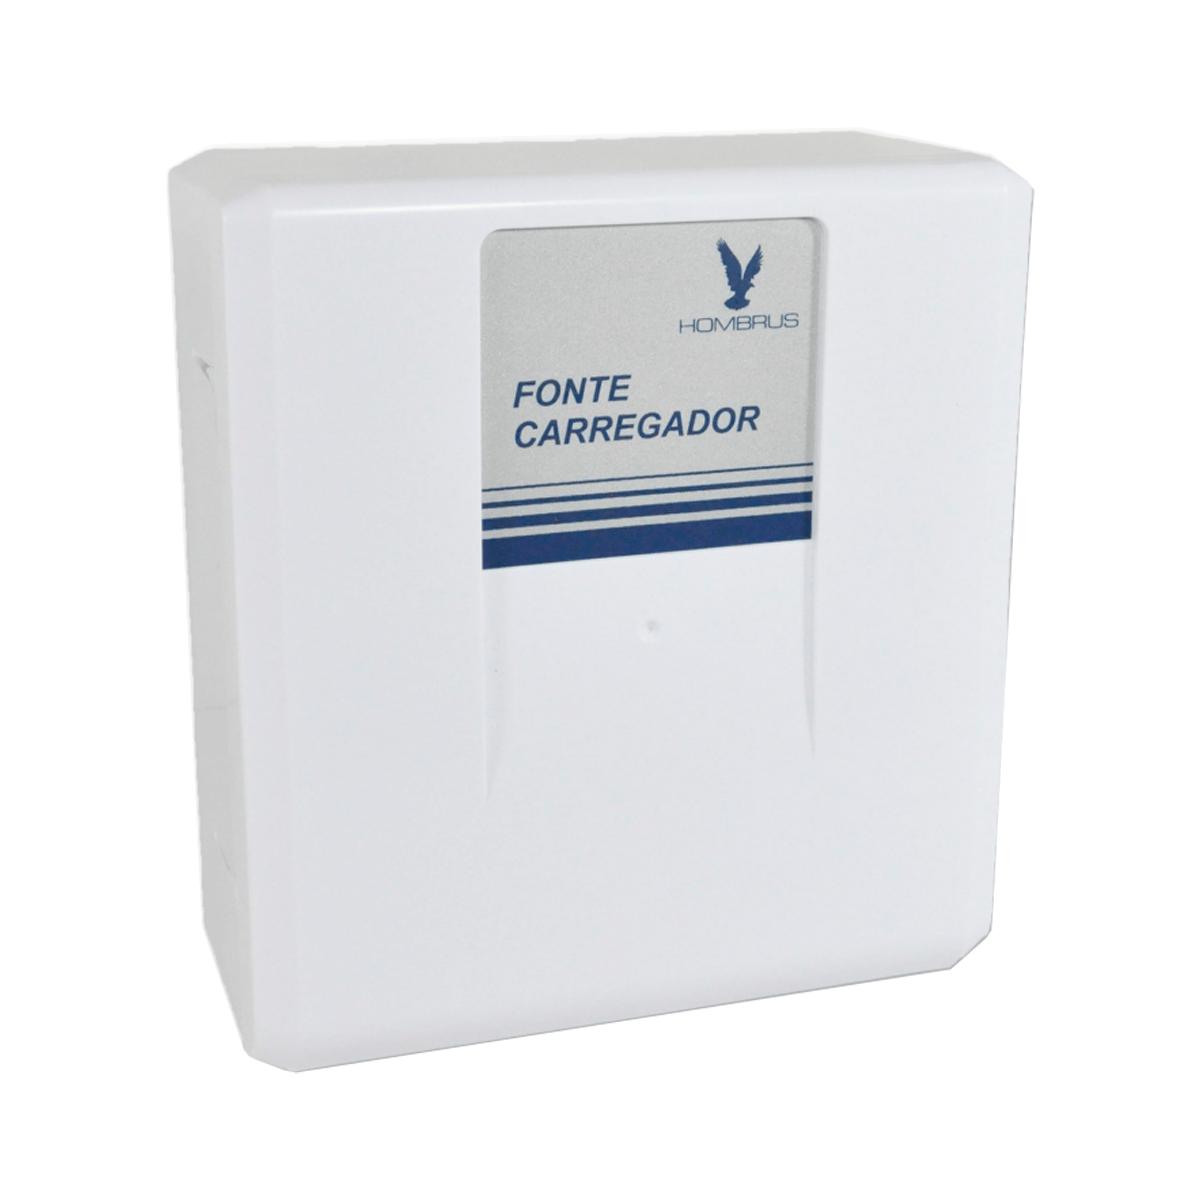 Fonte Carregador de Bateria Hombrus 12V 2A com Temporizador